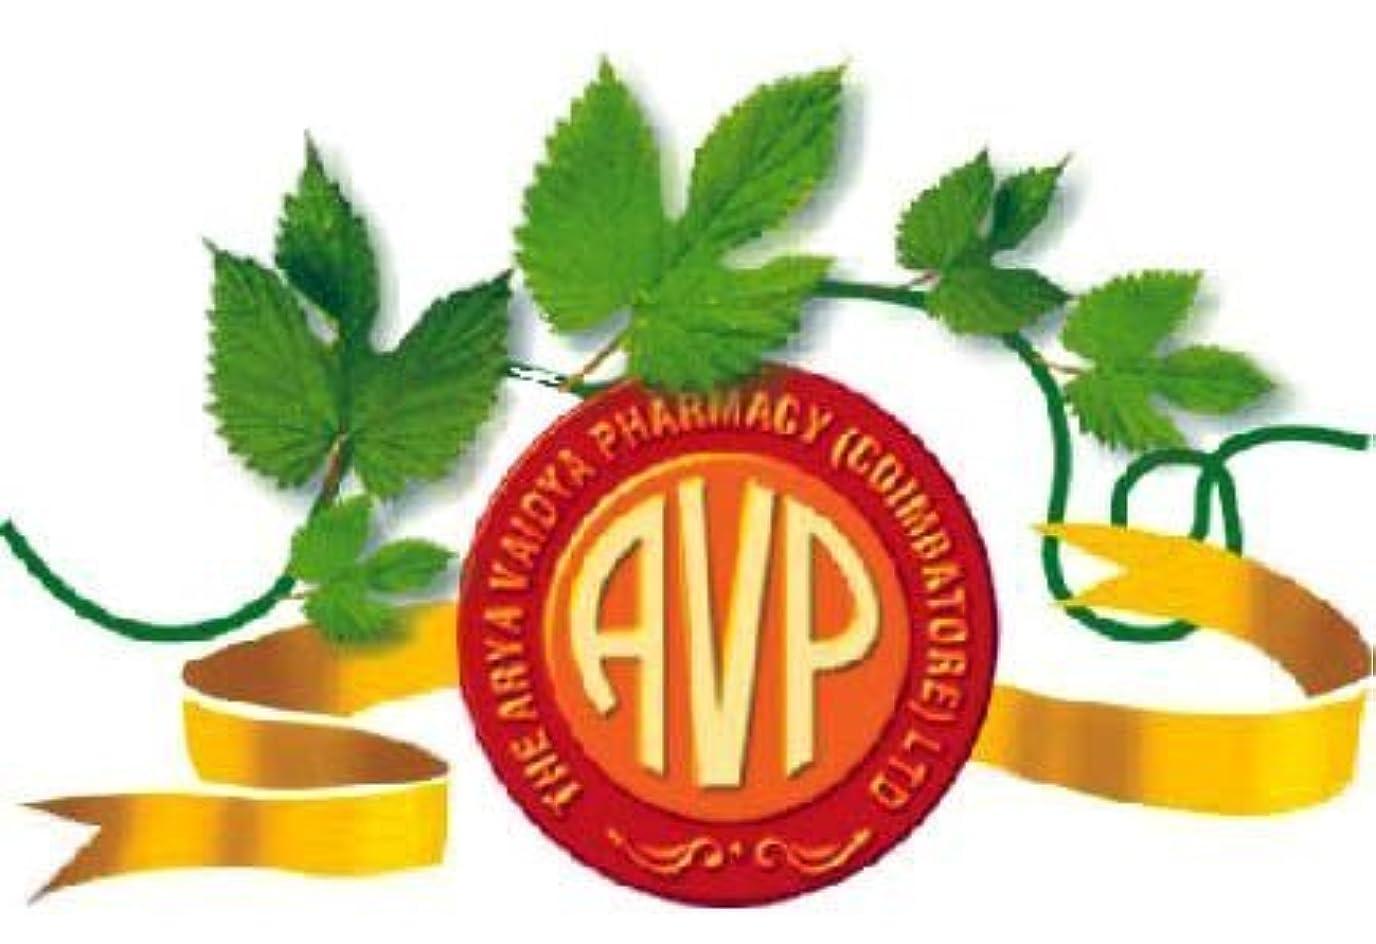 驚きベックスオッズAVP Balaswagandhadi Bala Ashwagandhadi Thailam Herbal Massage Oil Huile de massage aux plantes by AVP [並行輸入品]